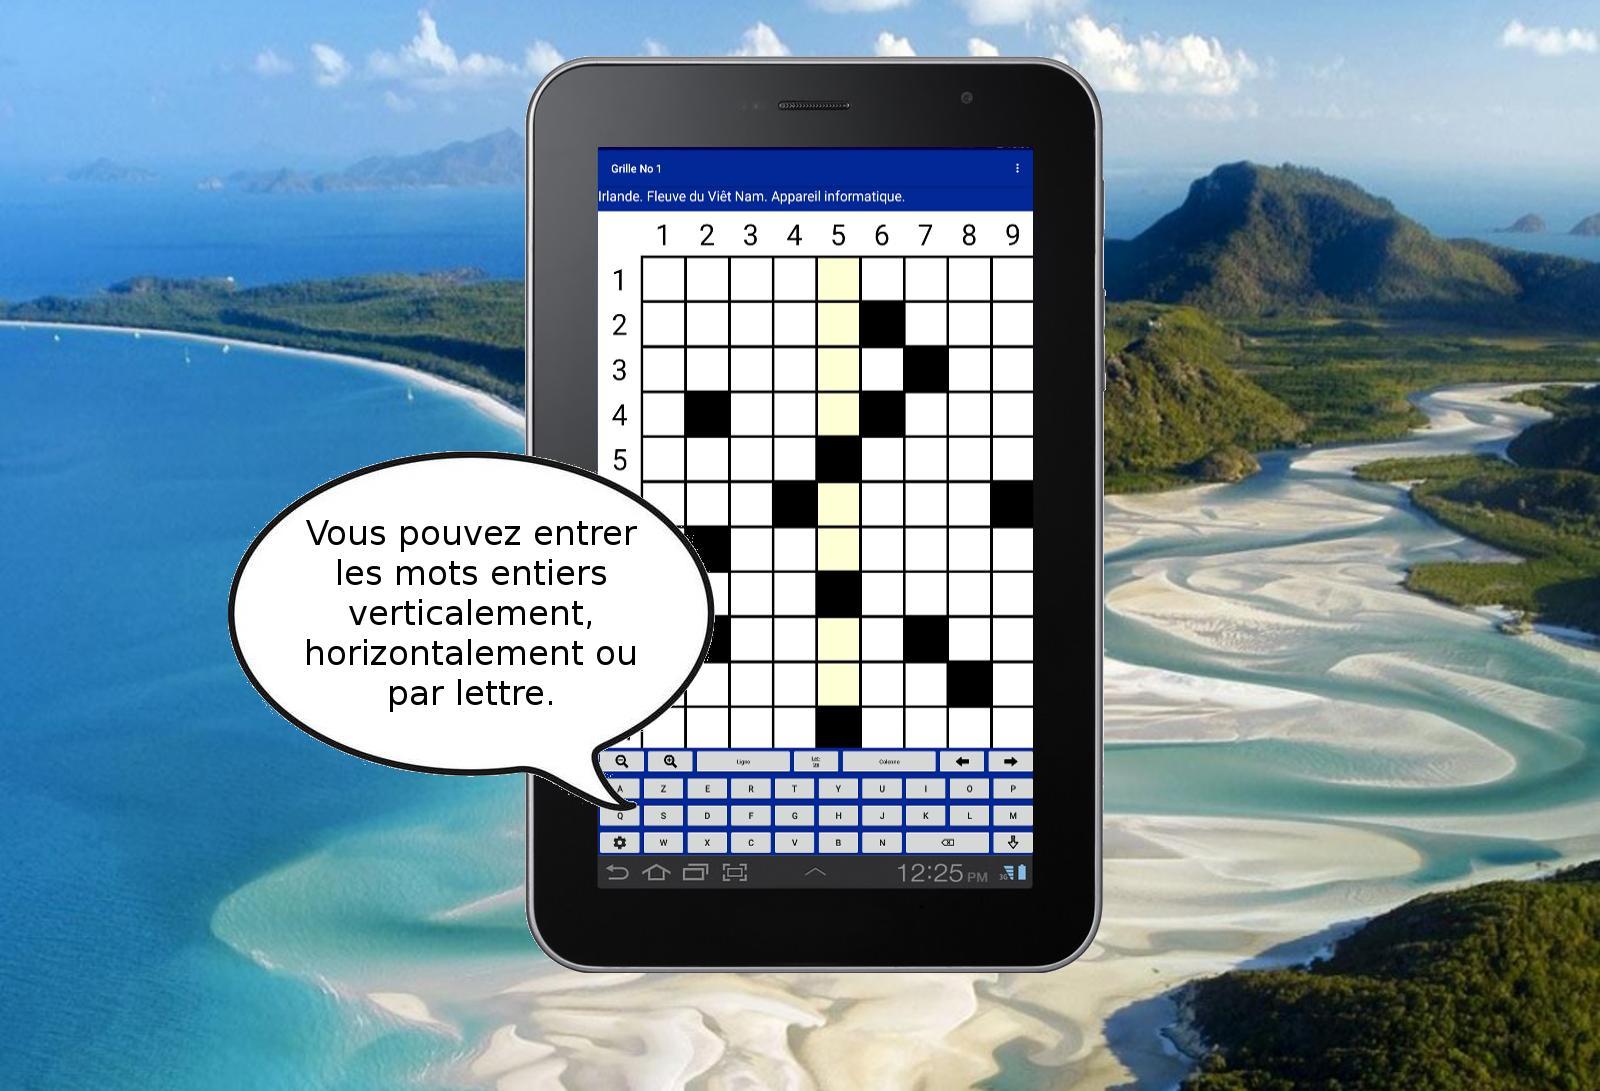 Android Için Mots Croisés Gratuits 2 - Jeu De Lettres. - Apk serapportantà I Fleches Gratuit